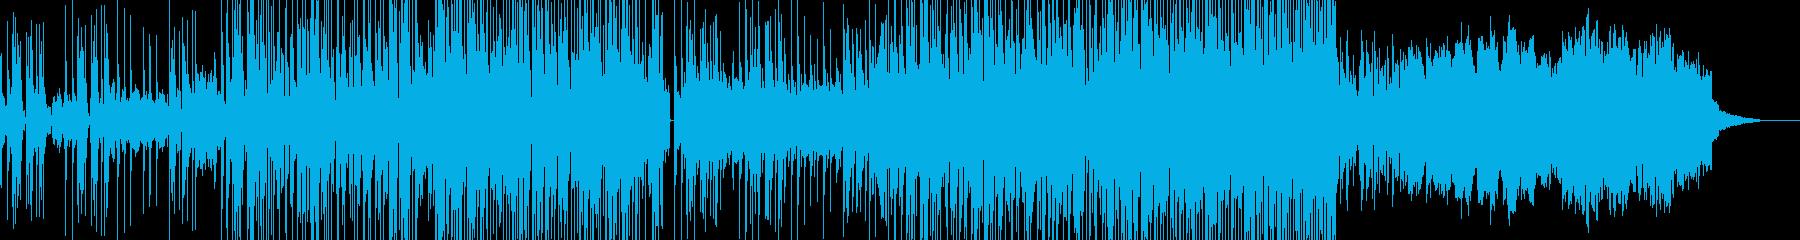 ティーン ポップ テクノ ロック ...の再生済みの波形